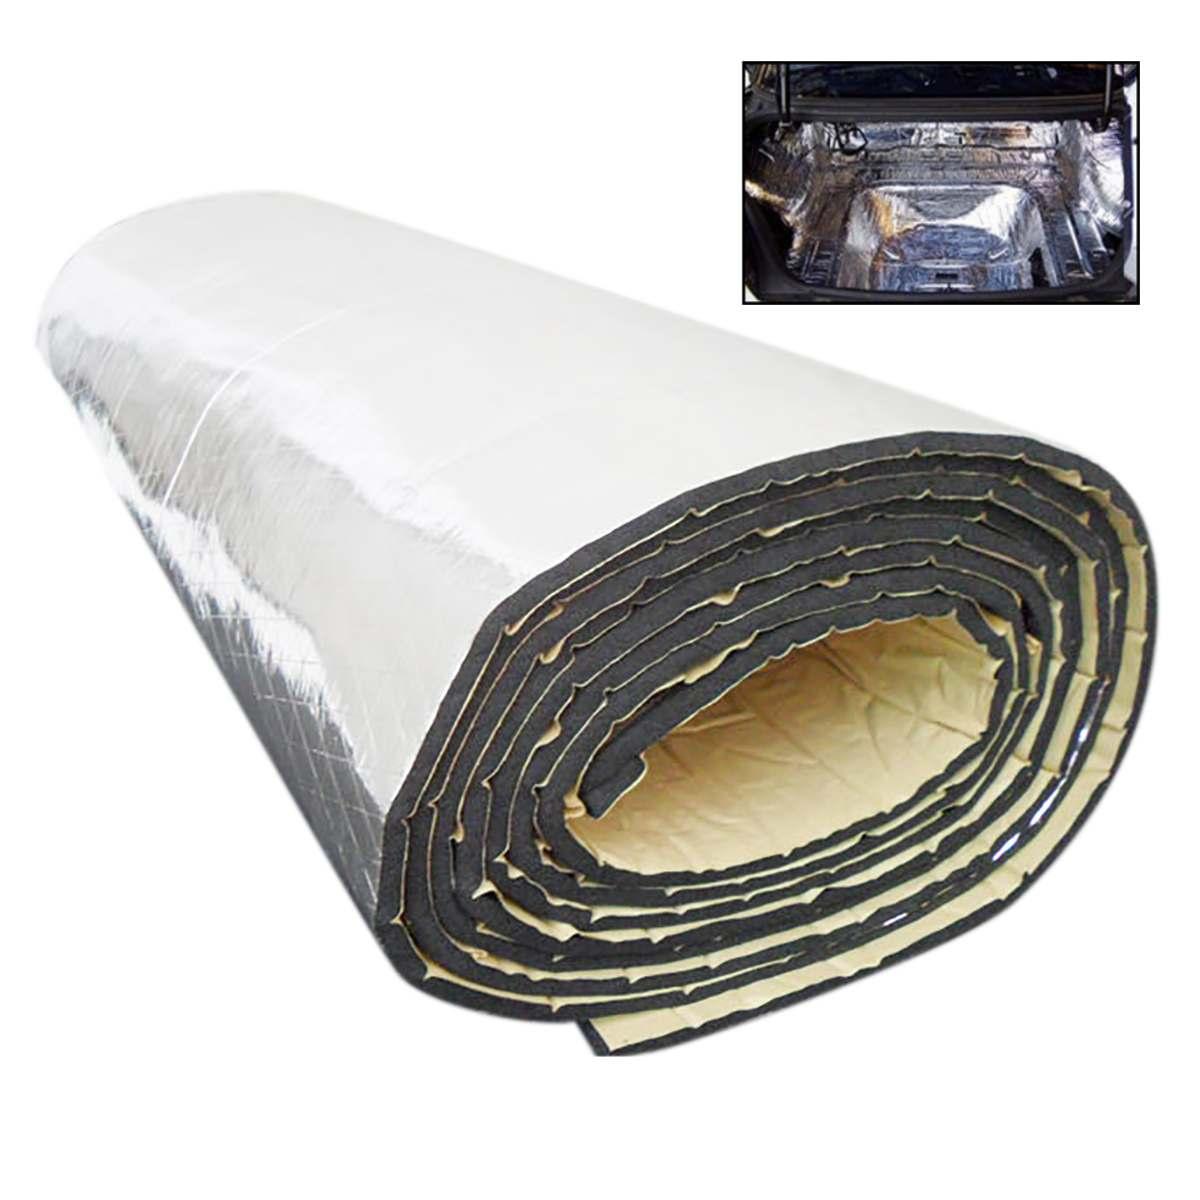 200X100 centimetri Car Audio di Controllo del Rumore Suono Deadener Car Shield Isolamento termico A Prova di Zerbino Isolamento Acustico di Cotone 10mm200X100 centimetri Car Audio di Controllo del Rumore Suono Deadener Car Shield Isolamento termico A Prova di Zerbino Isolamento Acustico di Cotone 10mm